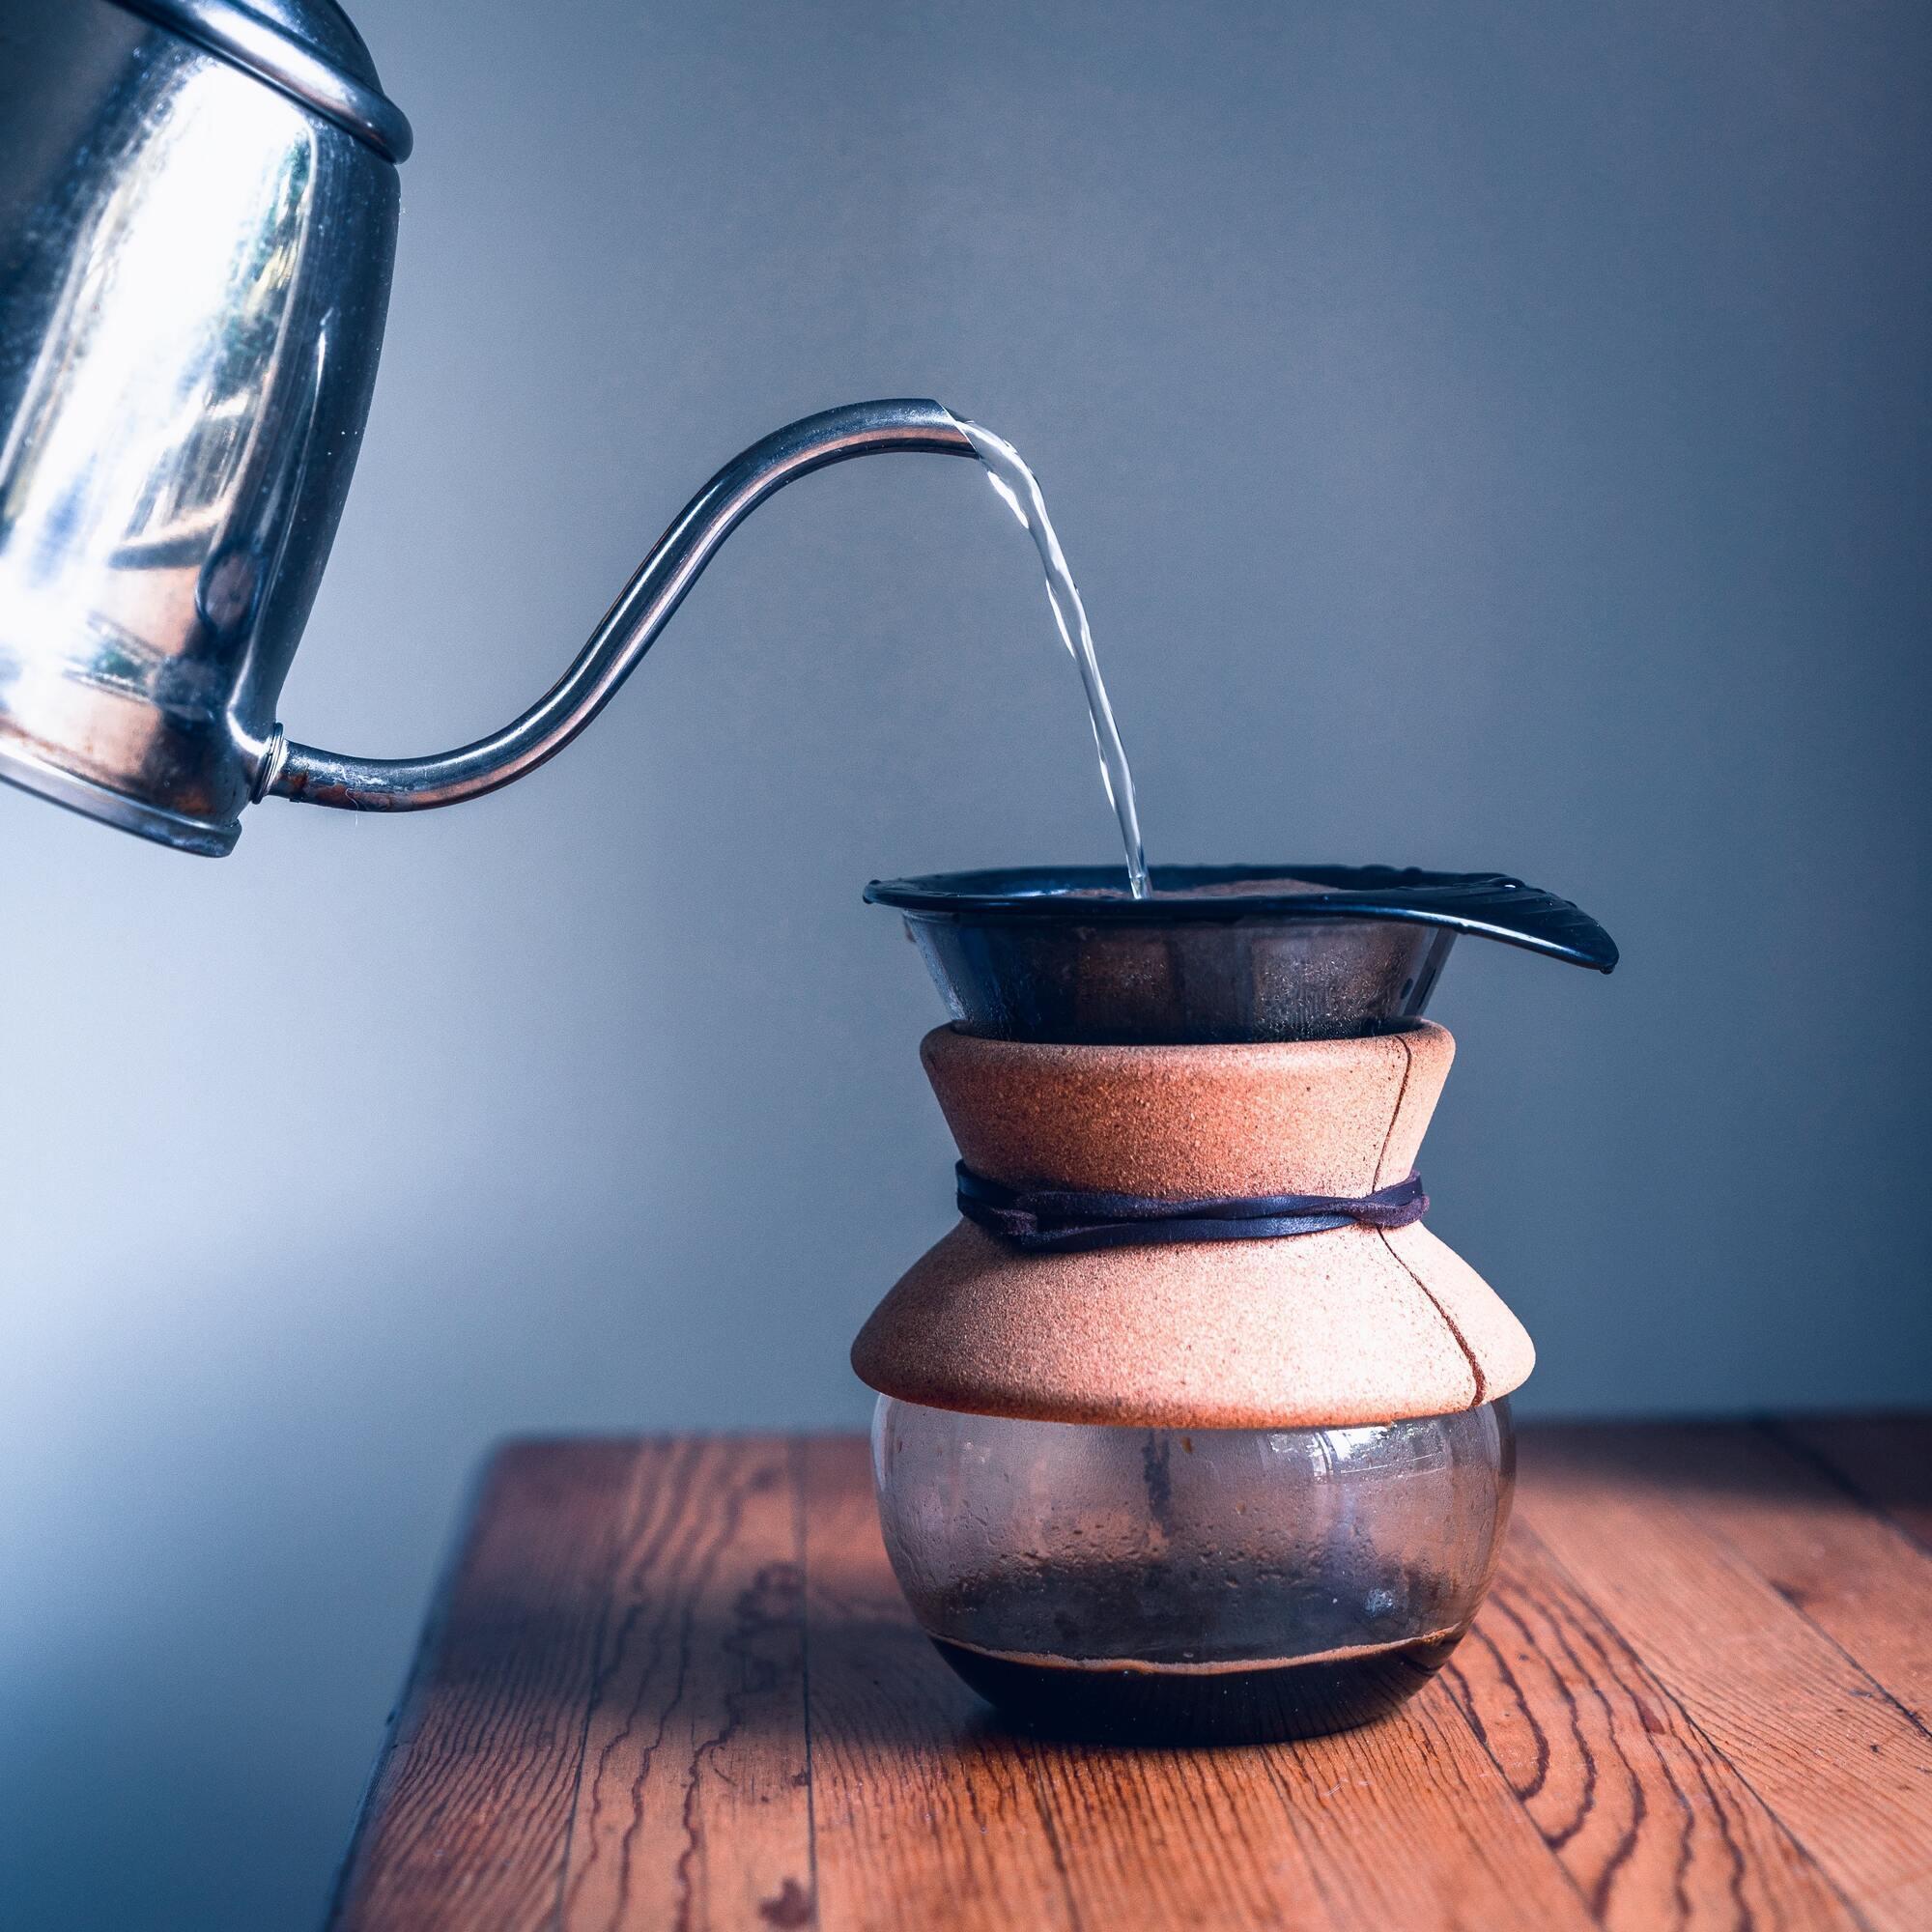 Для проверки качества растворимого кофе понадобится вода